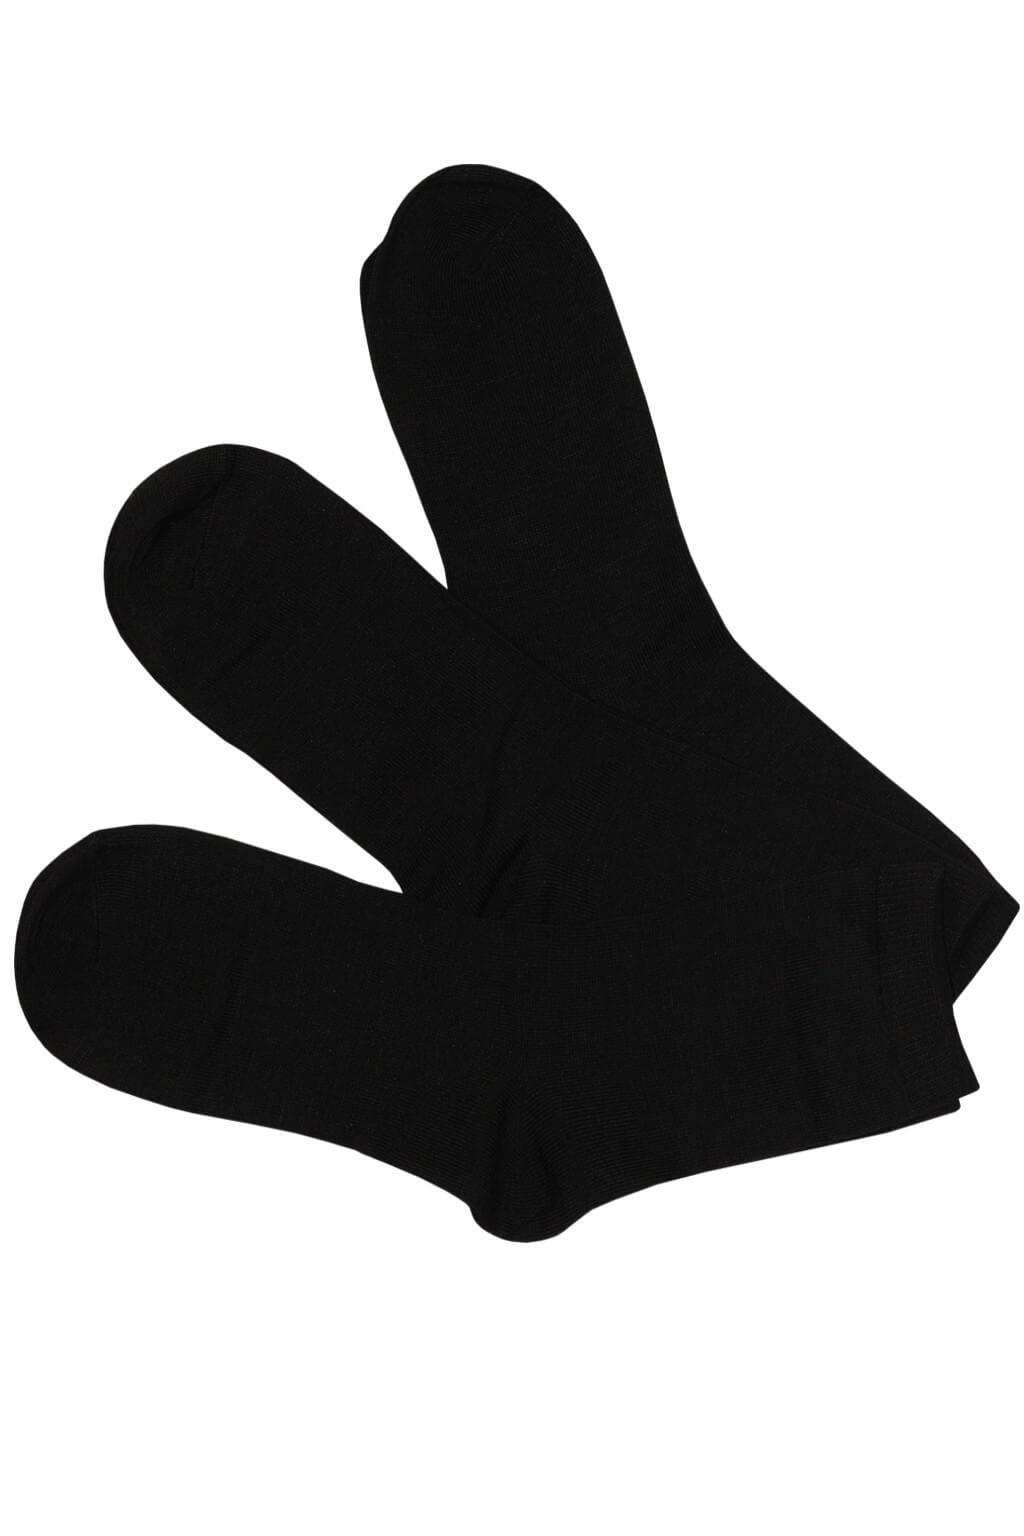 Klasické bavlněné dámské ponožky ZW-6000C-3bal 35-38 černá